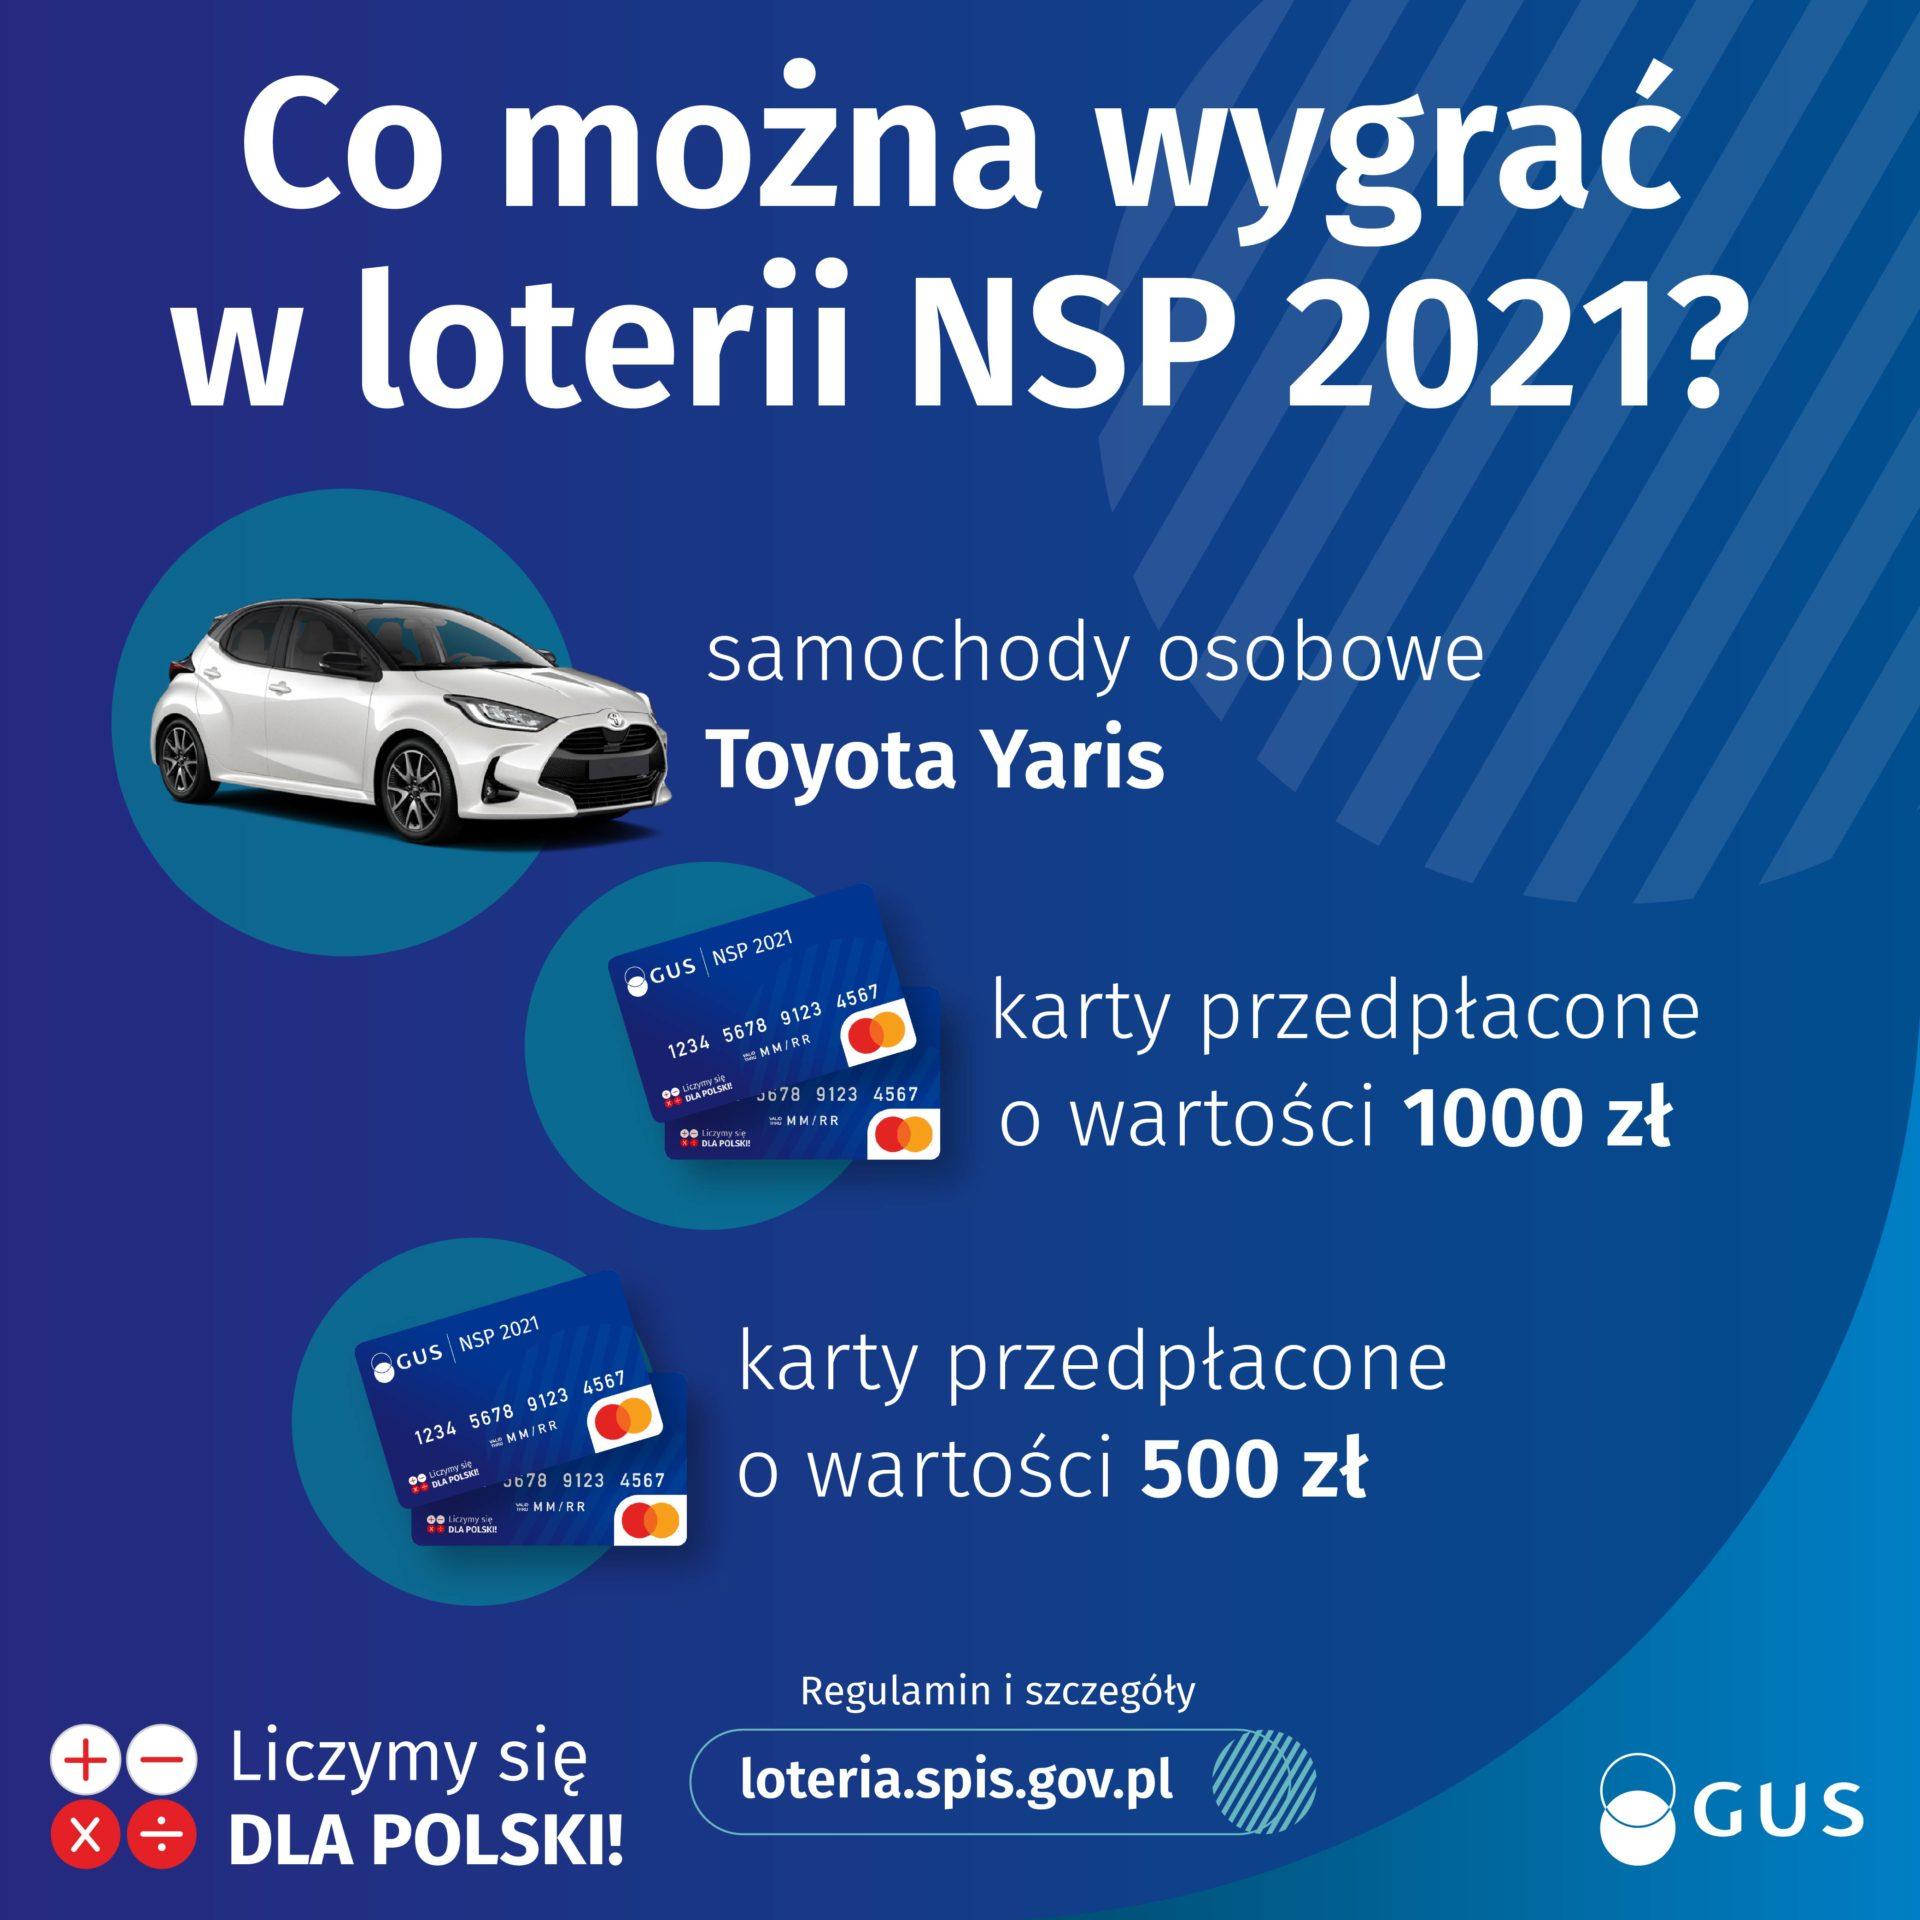 NSP 2021 - ponowne otrzymanie 10-znakowych kodów do loterii NSP 2021